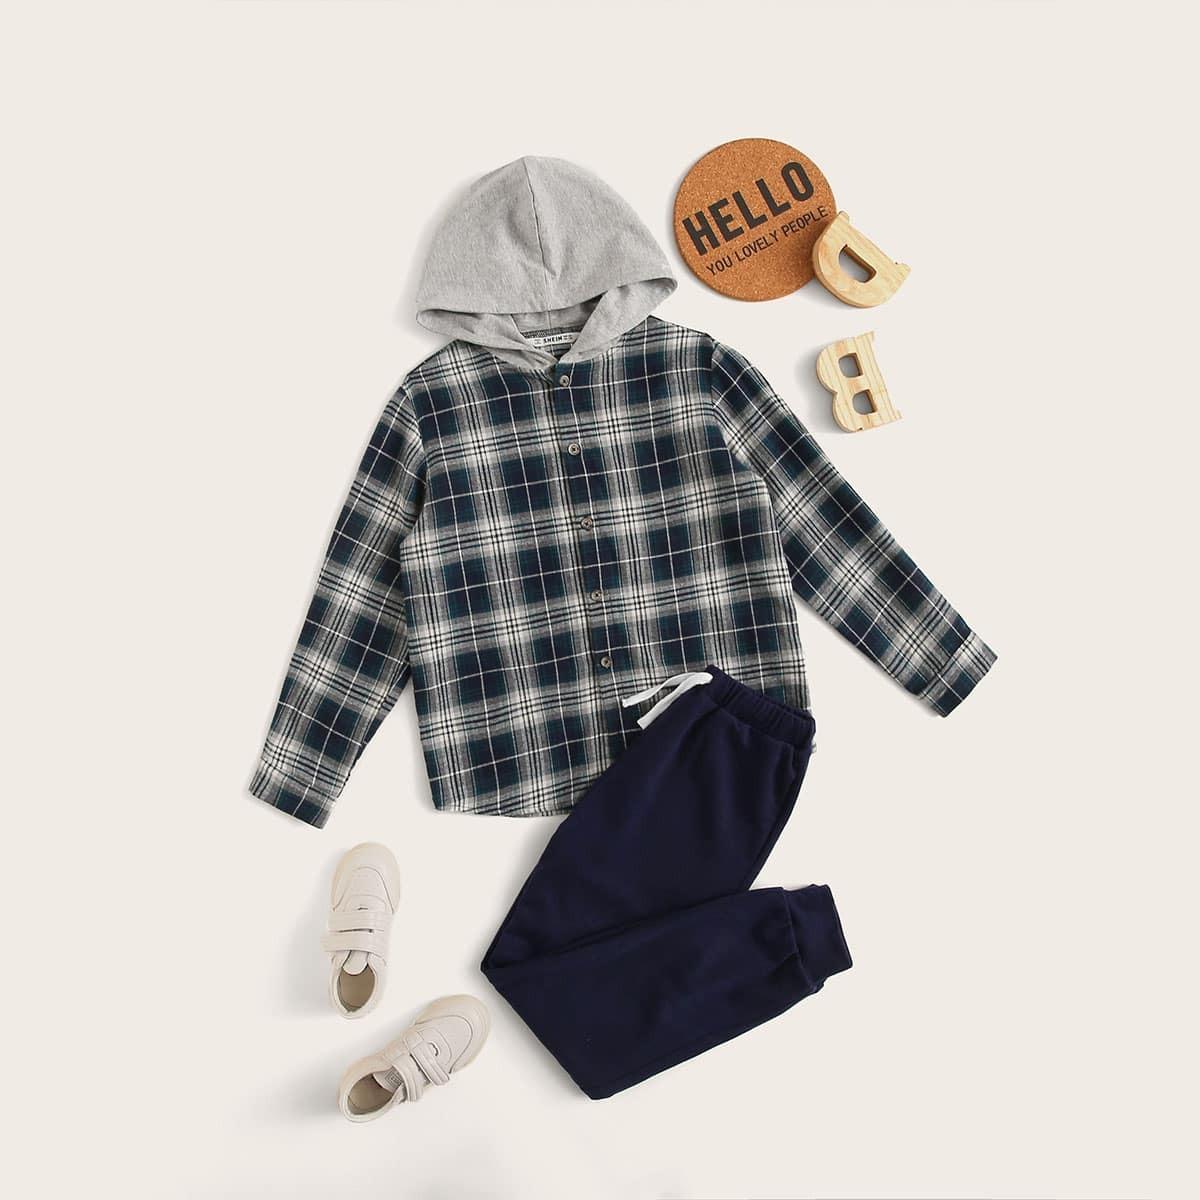 Veel kleurig Sporten Ruitmotief Tweedelige jongens outfits Koord